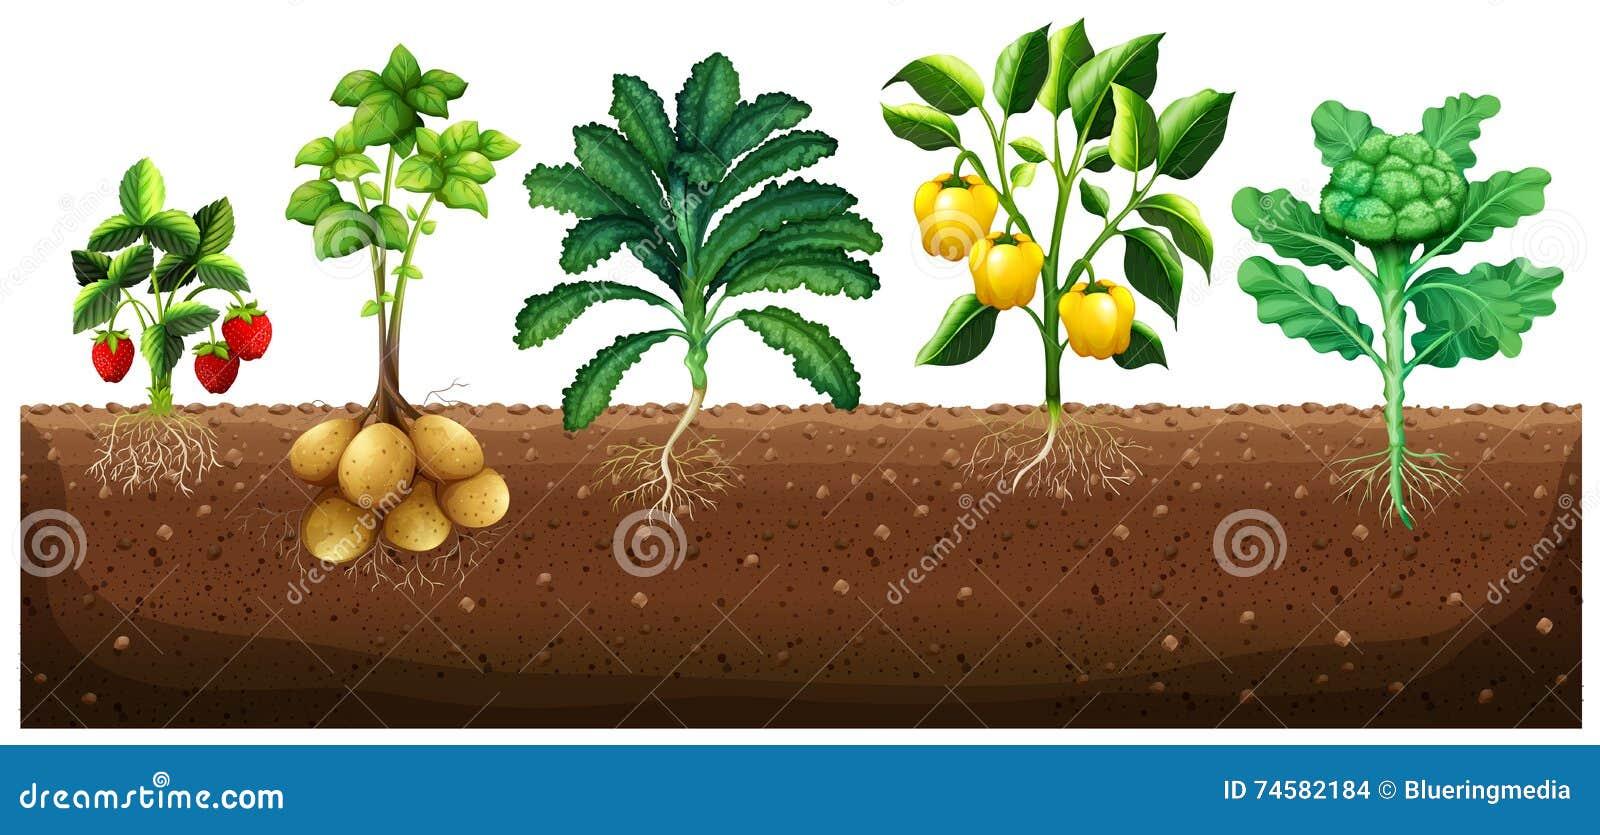 vele soorten groenten die op grond planten vector illustratie afbeelding 74582184. Black Bedroom Furniture Sets. Home Design Ideas